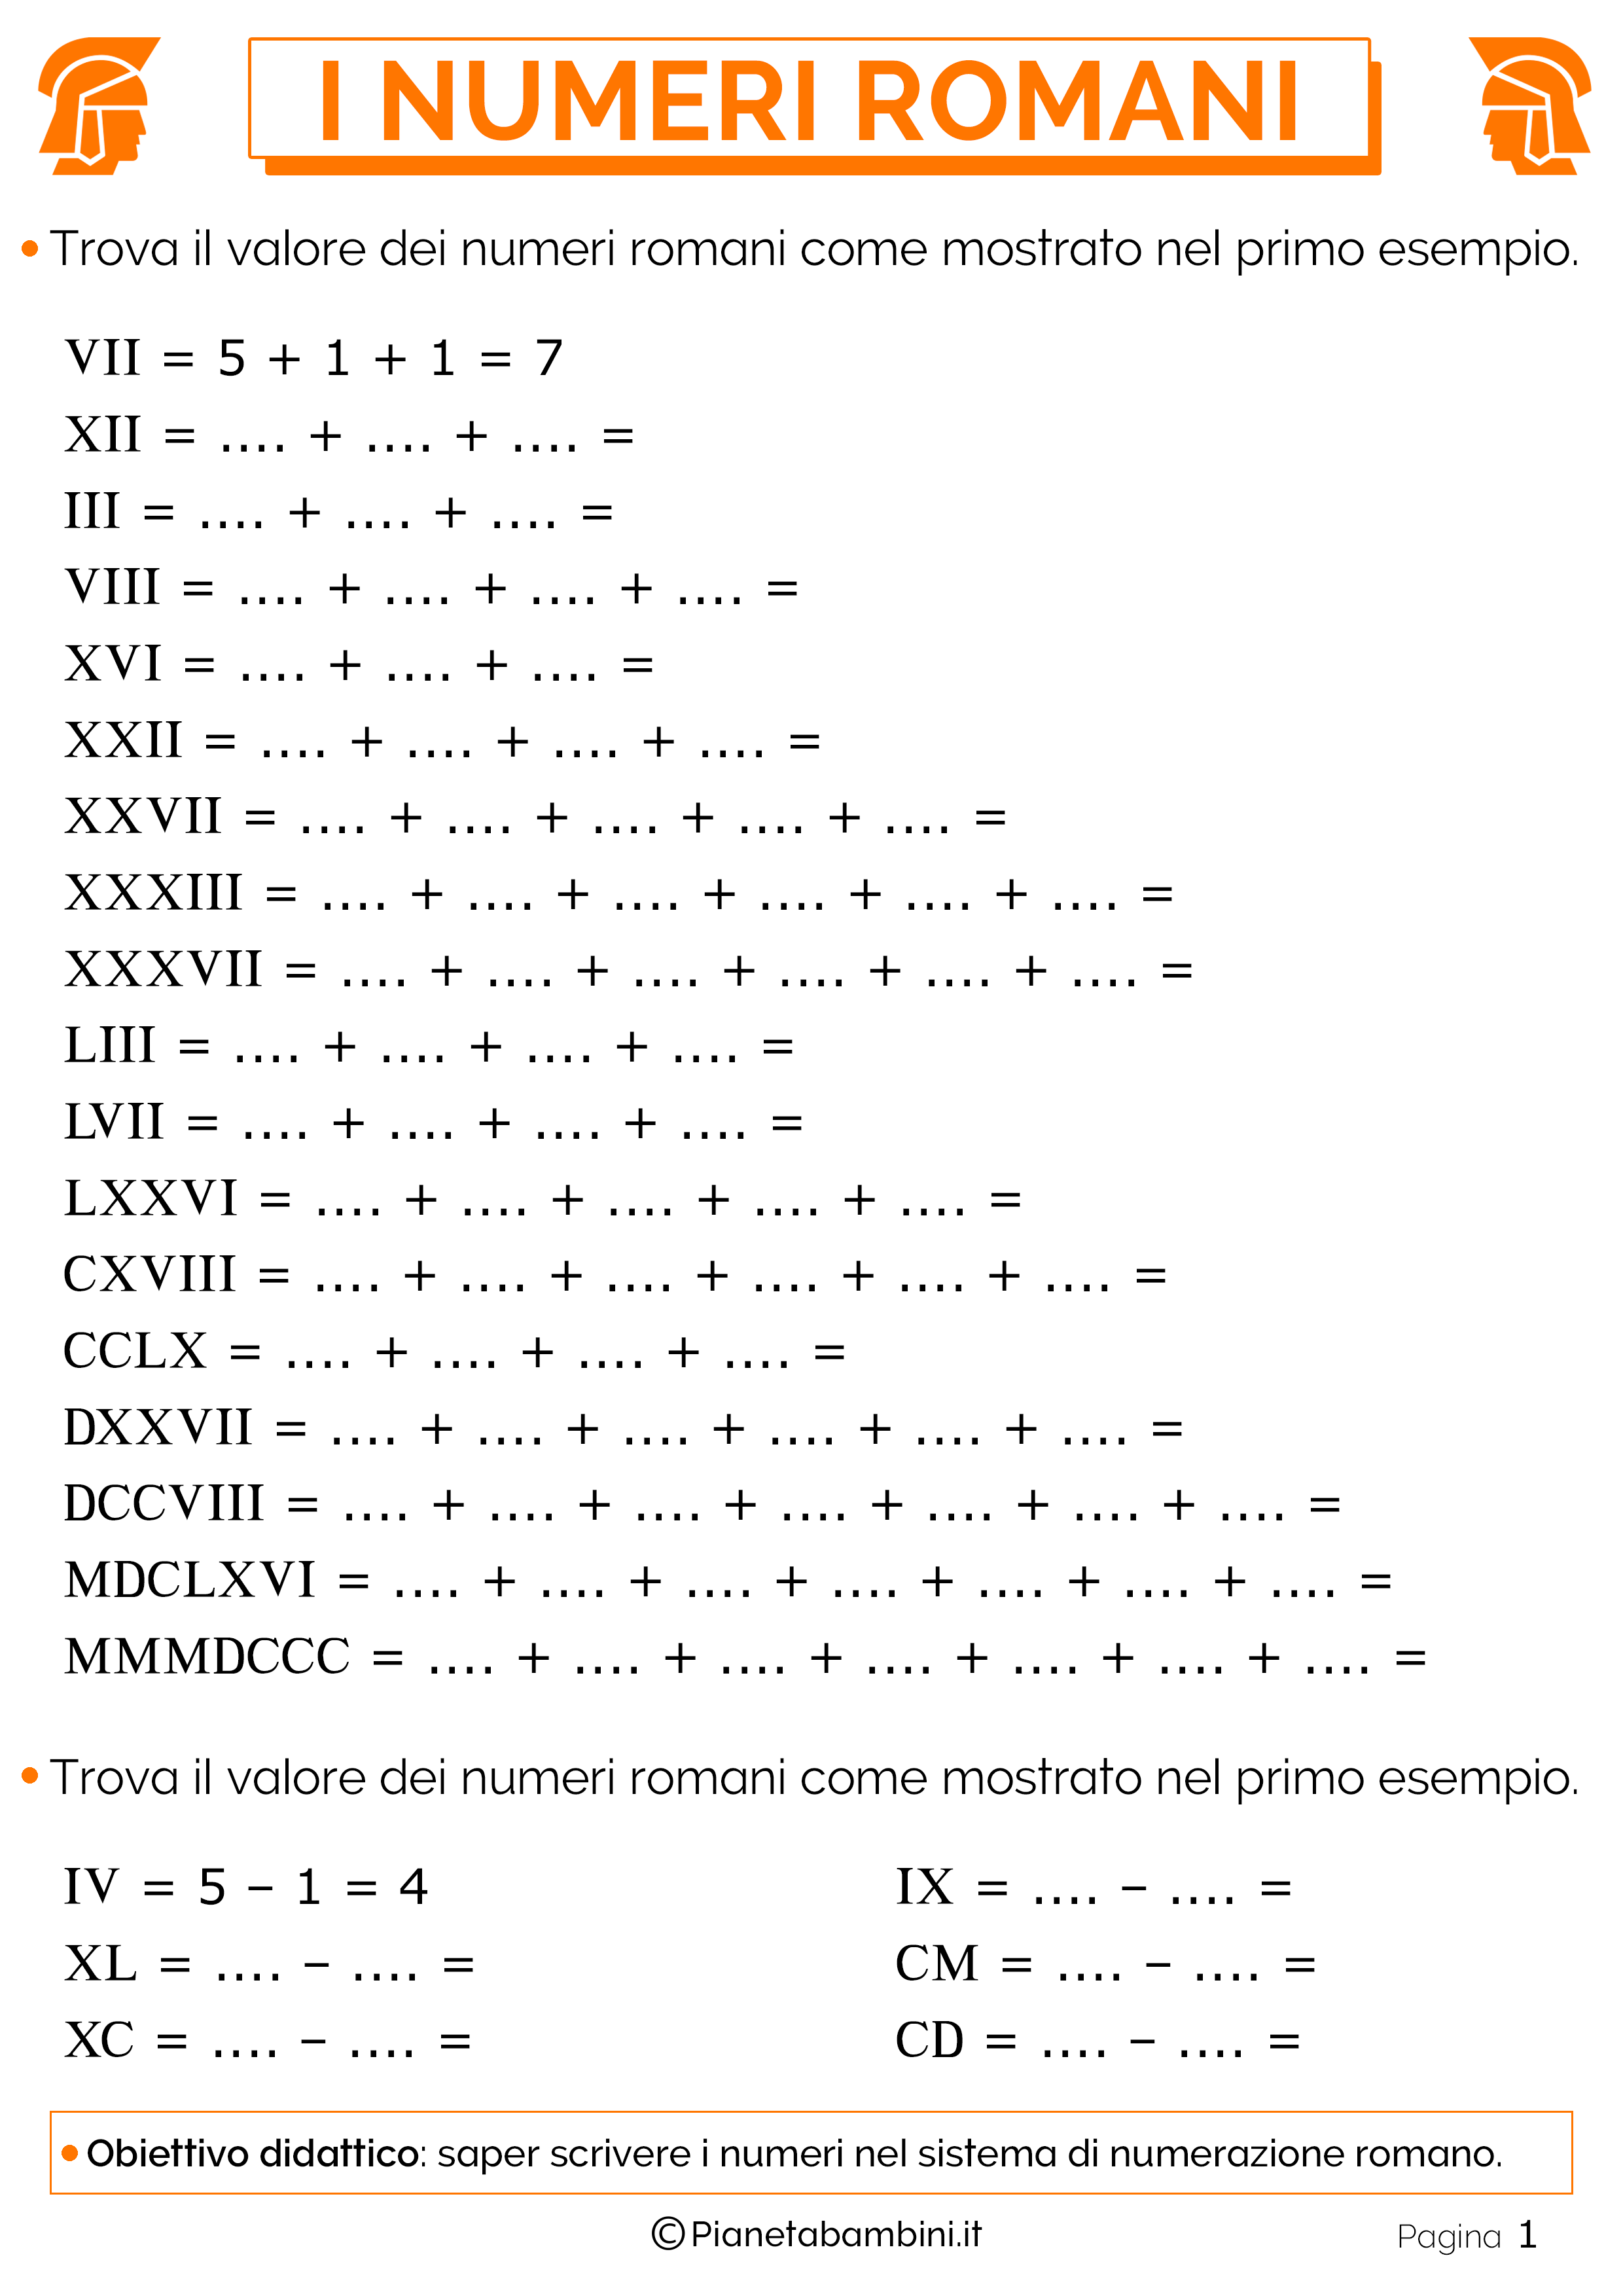 Estremamente Esercizi sui Numeri Romani per la Scuola Primaria | PianetaBambini.it IQ63